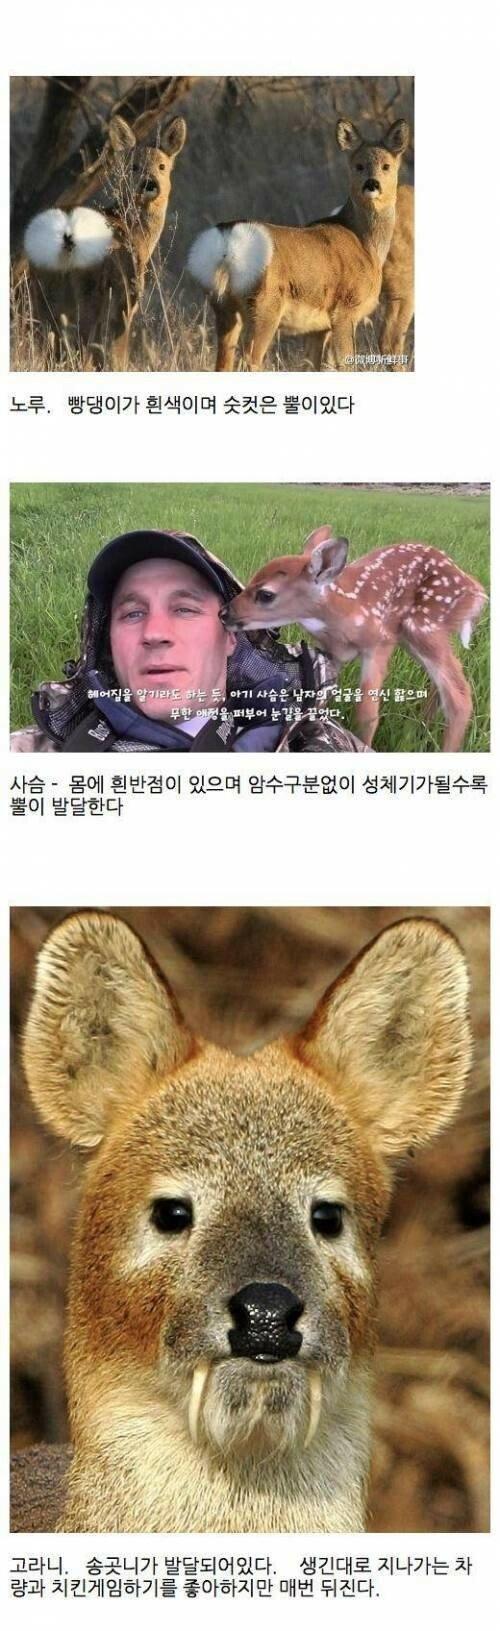 1.jpg 노루, 사슴, 고라니 구별하는법